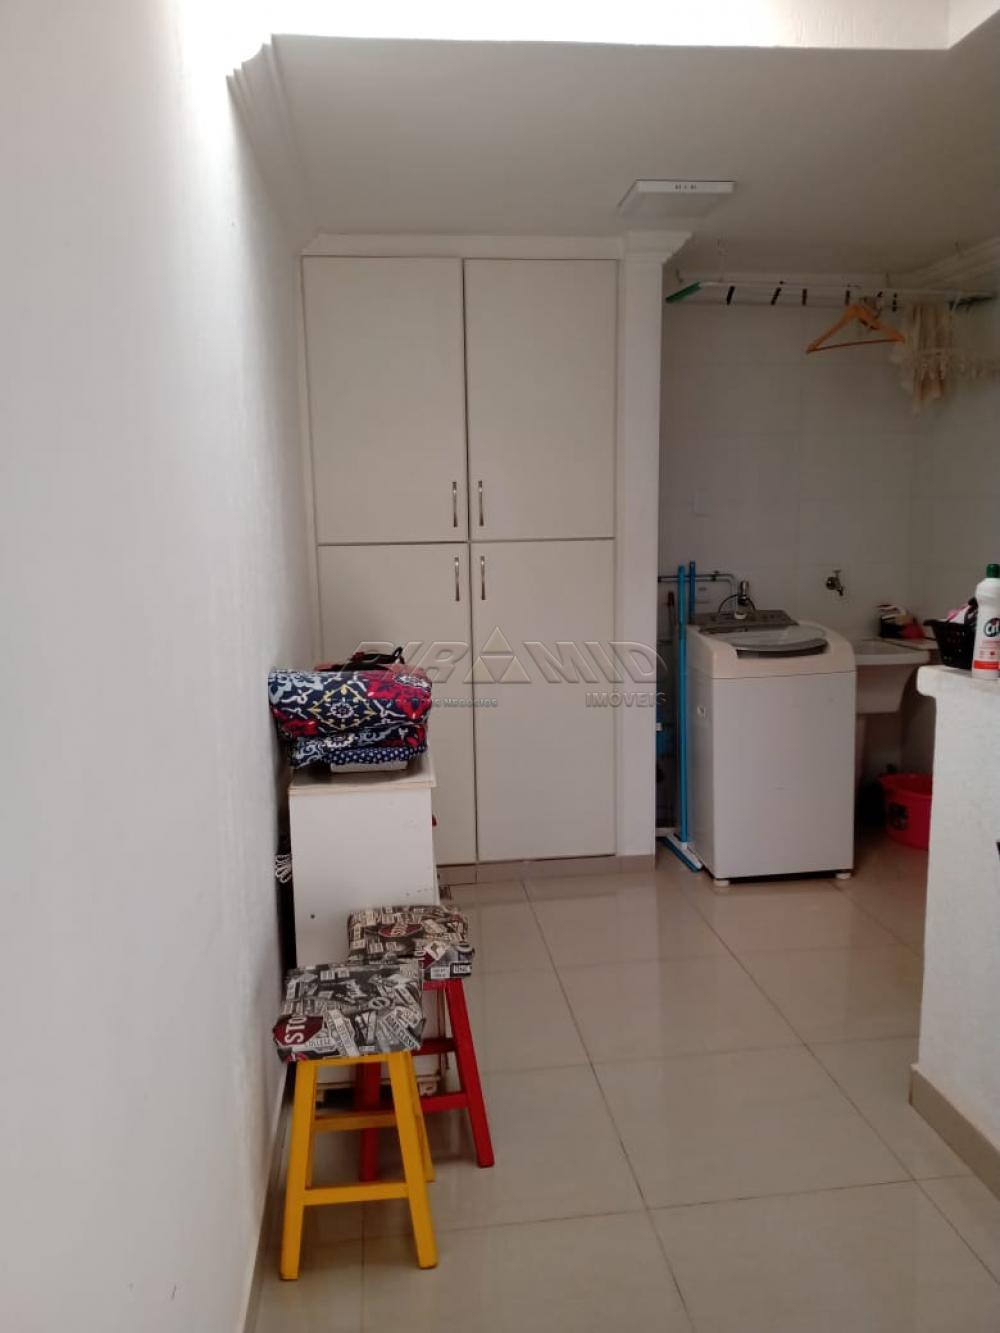 Comprar Casa / Condomínio em Ribeirão Preto R$ 490.000,00 - Foto 7